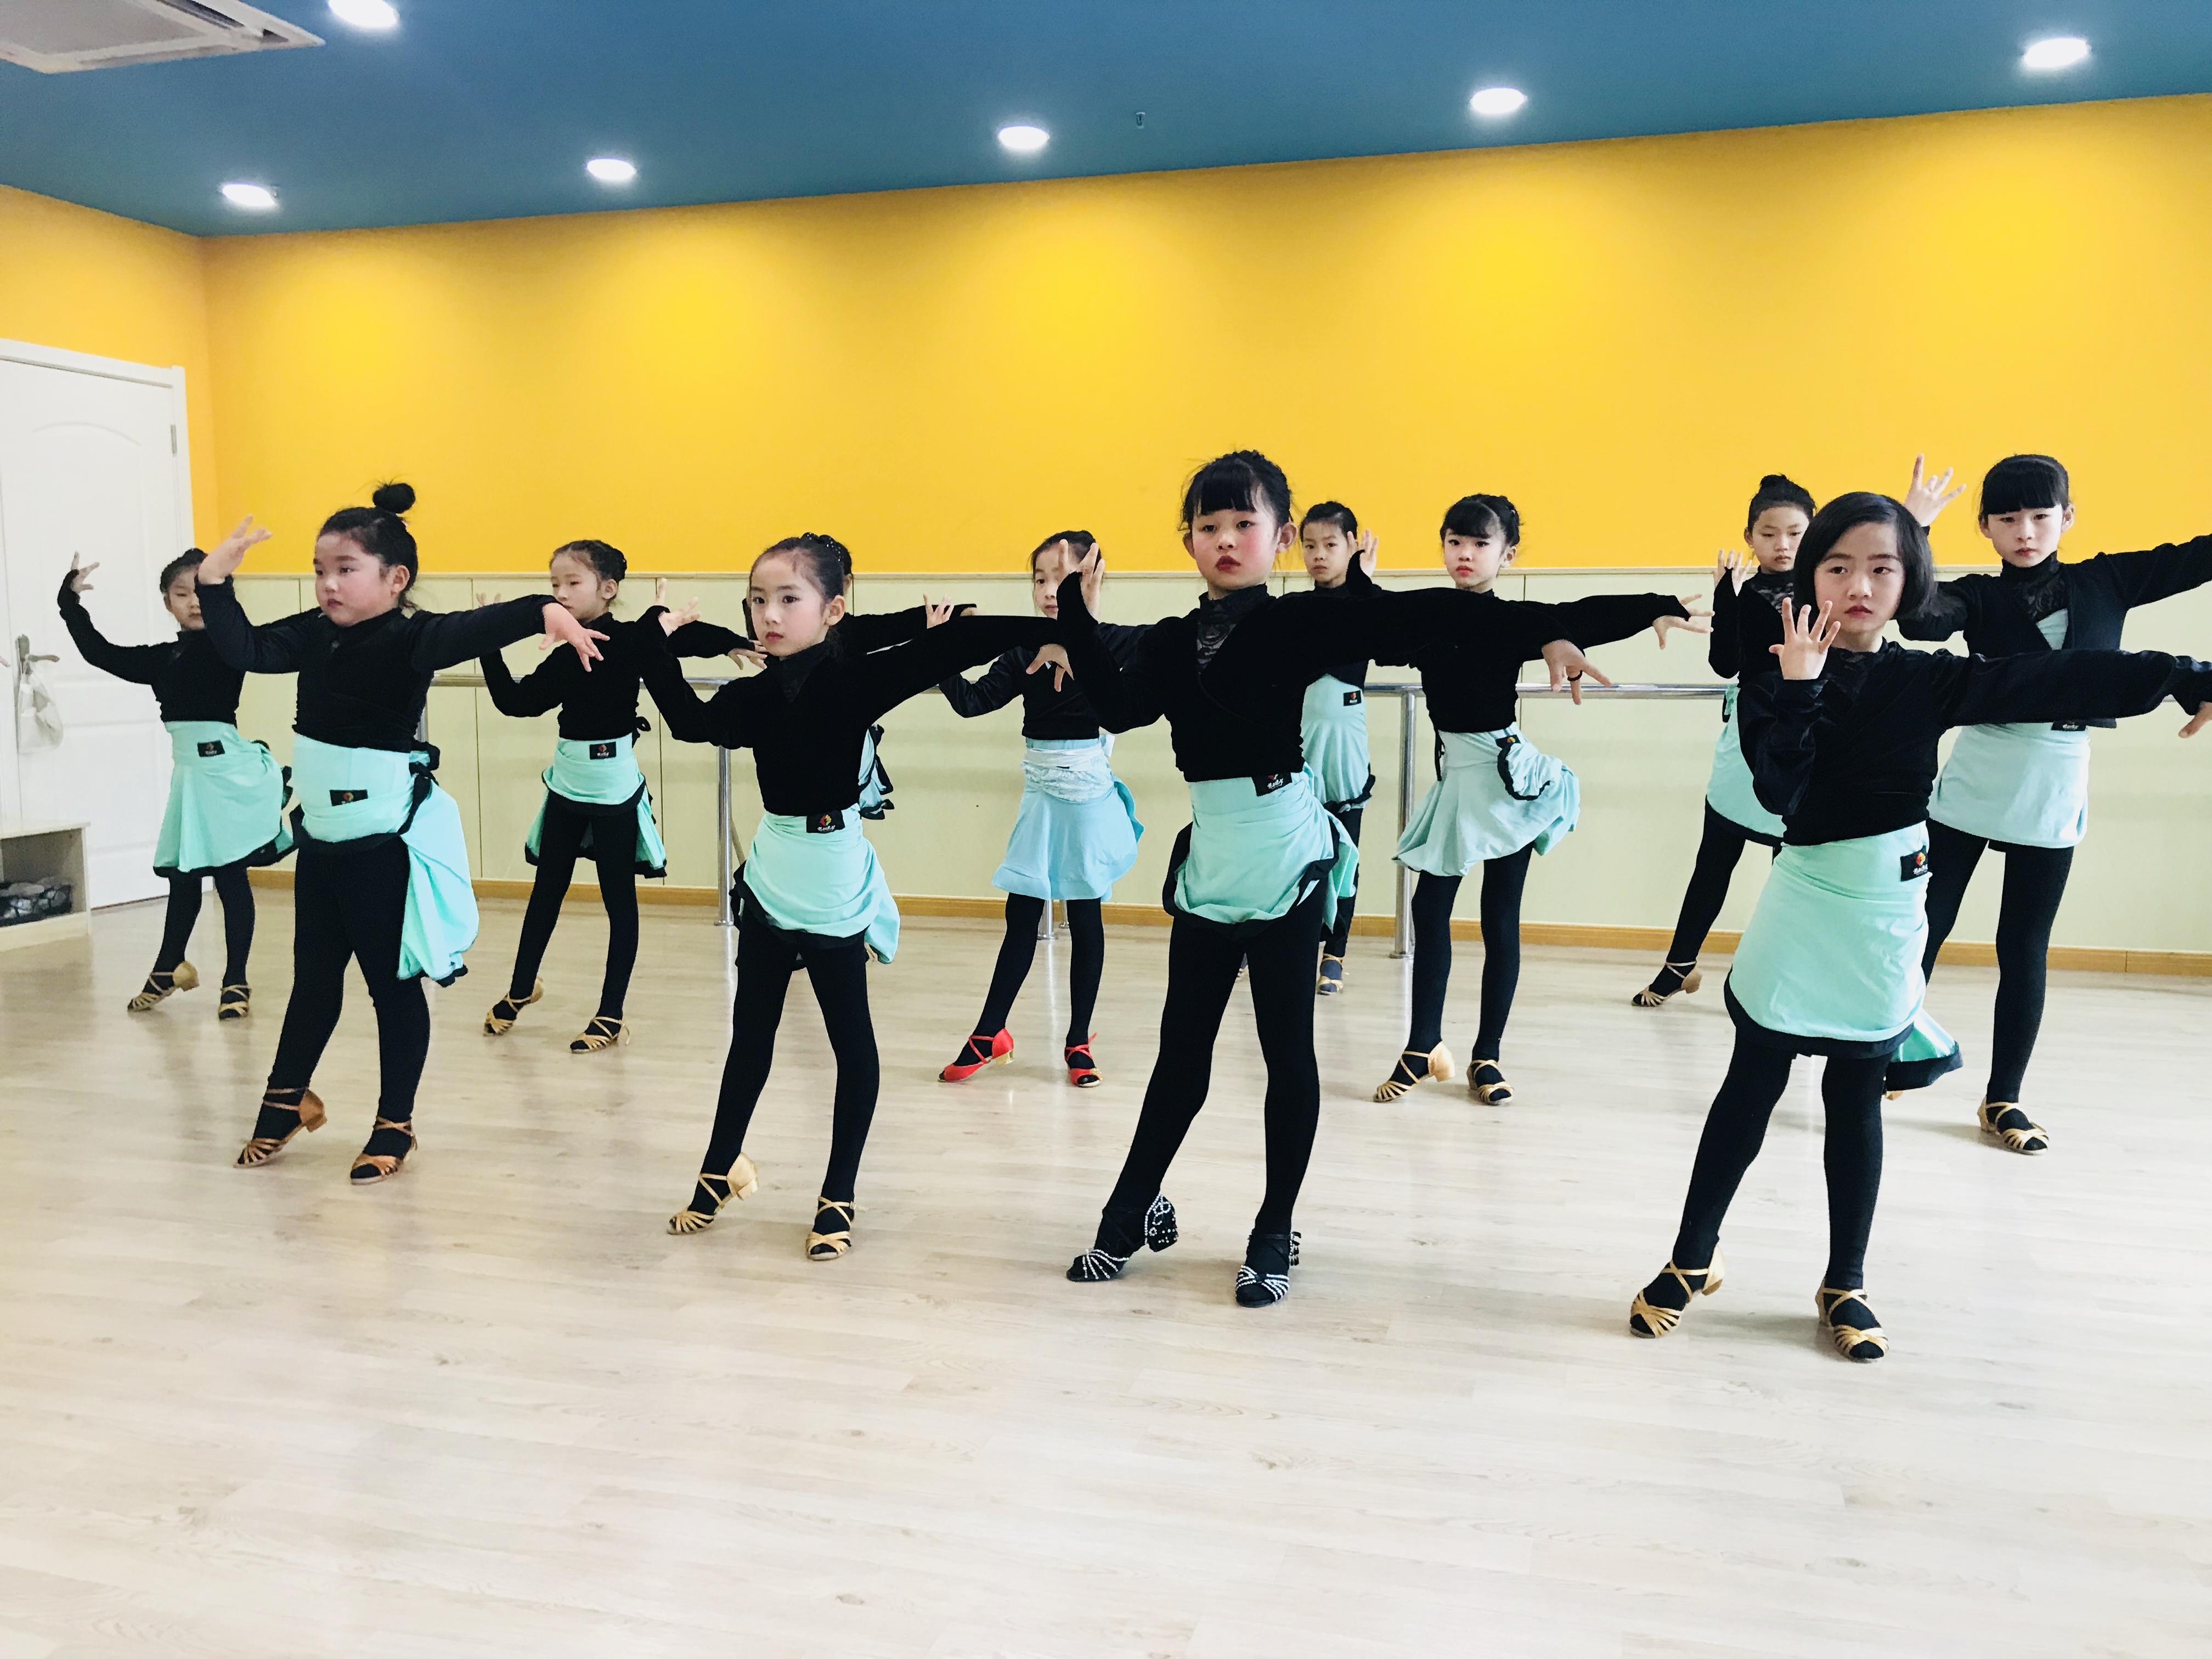 少儿拉丁舞基础入门教学.jpeg